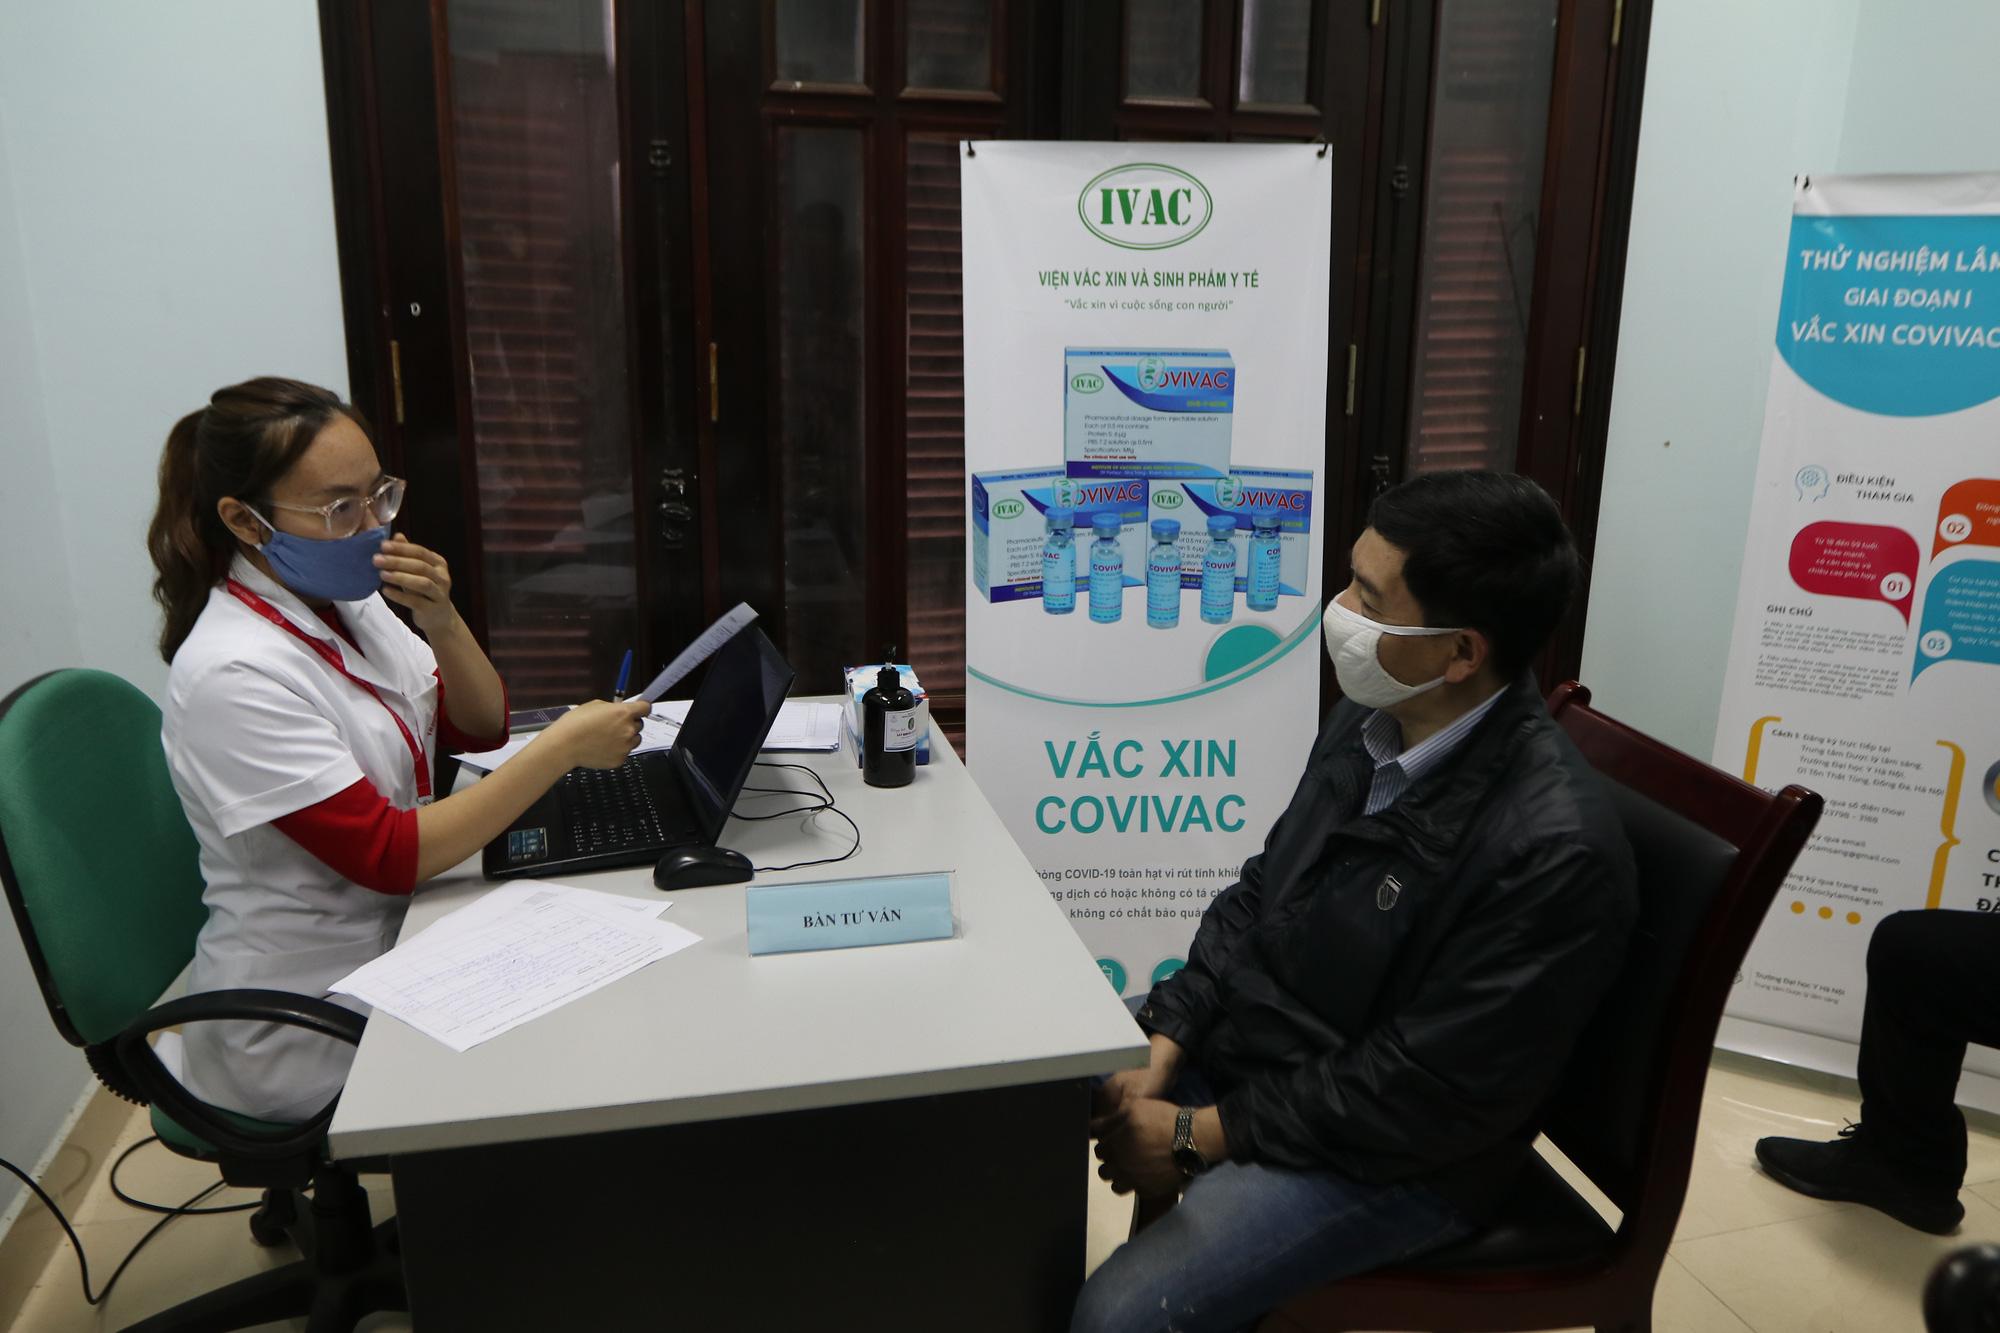 Bắt đầu tuyển tình nguyện viên thử nghiệm vắc xin điều trị Covid-19 thứ 2 của Việt Nam COVIVAC - Ảnh 5.